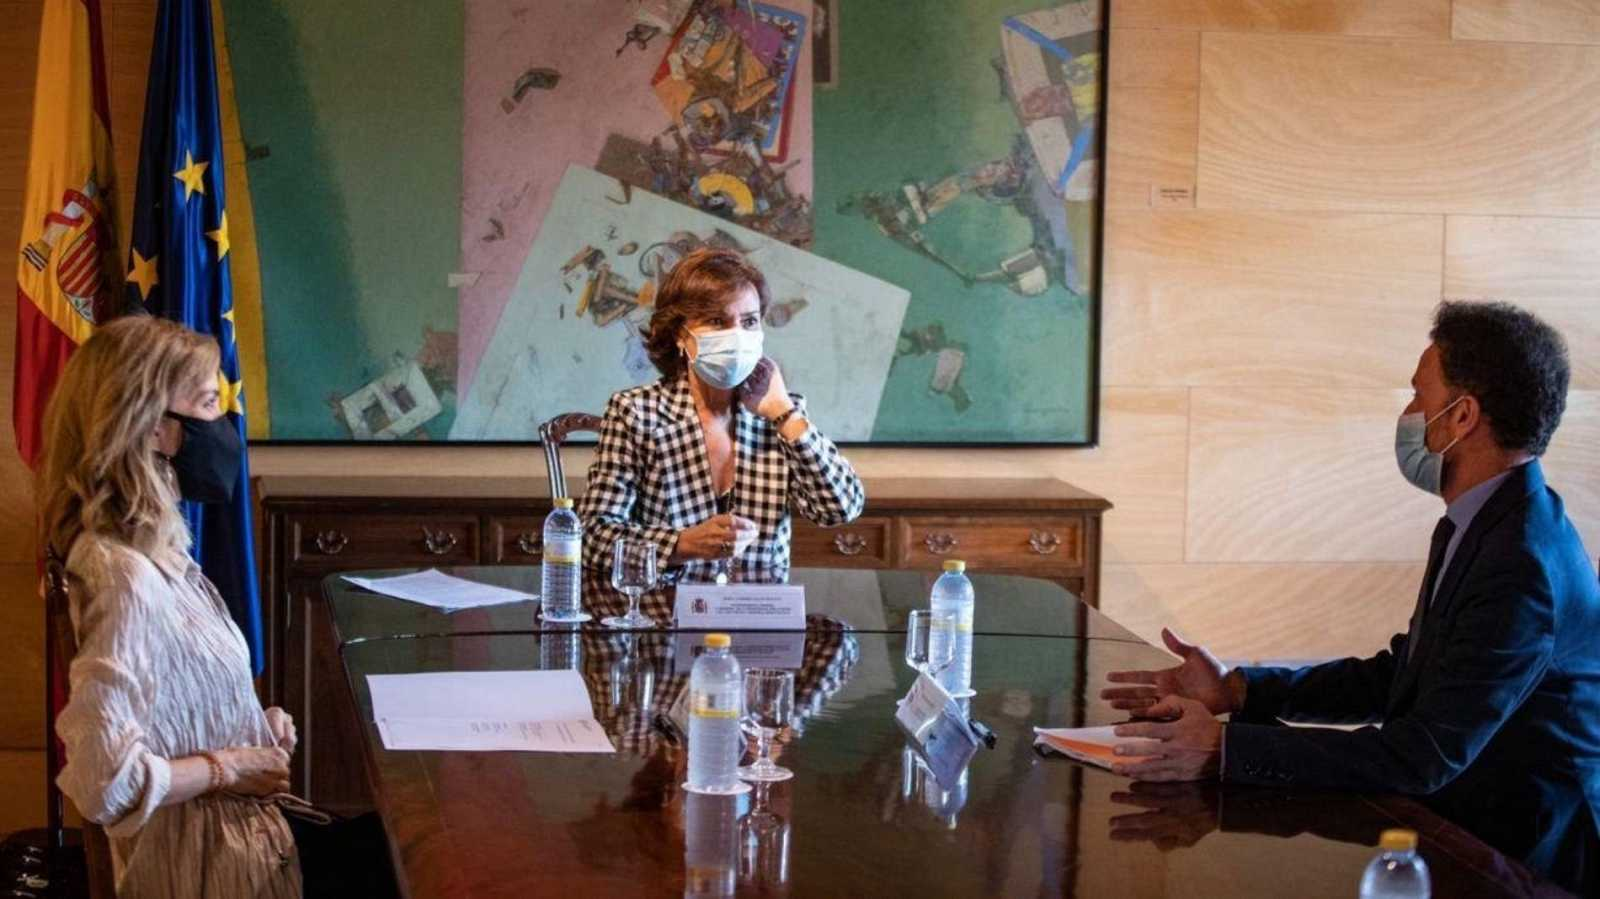 El portavoz adjunto de Ciudadanos, Edmundo Bal, durante su encuentro con la vicepresidenta primera del Gobierno, Carmen Calvo, este jueves